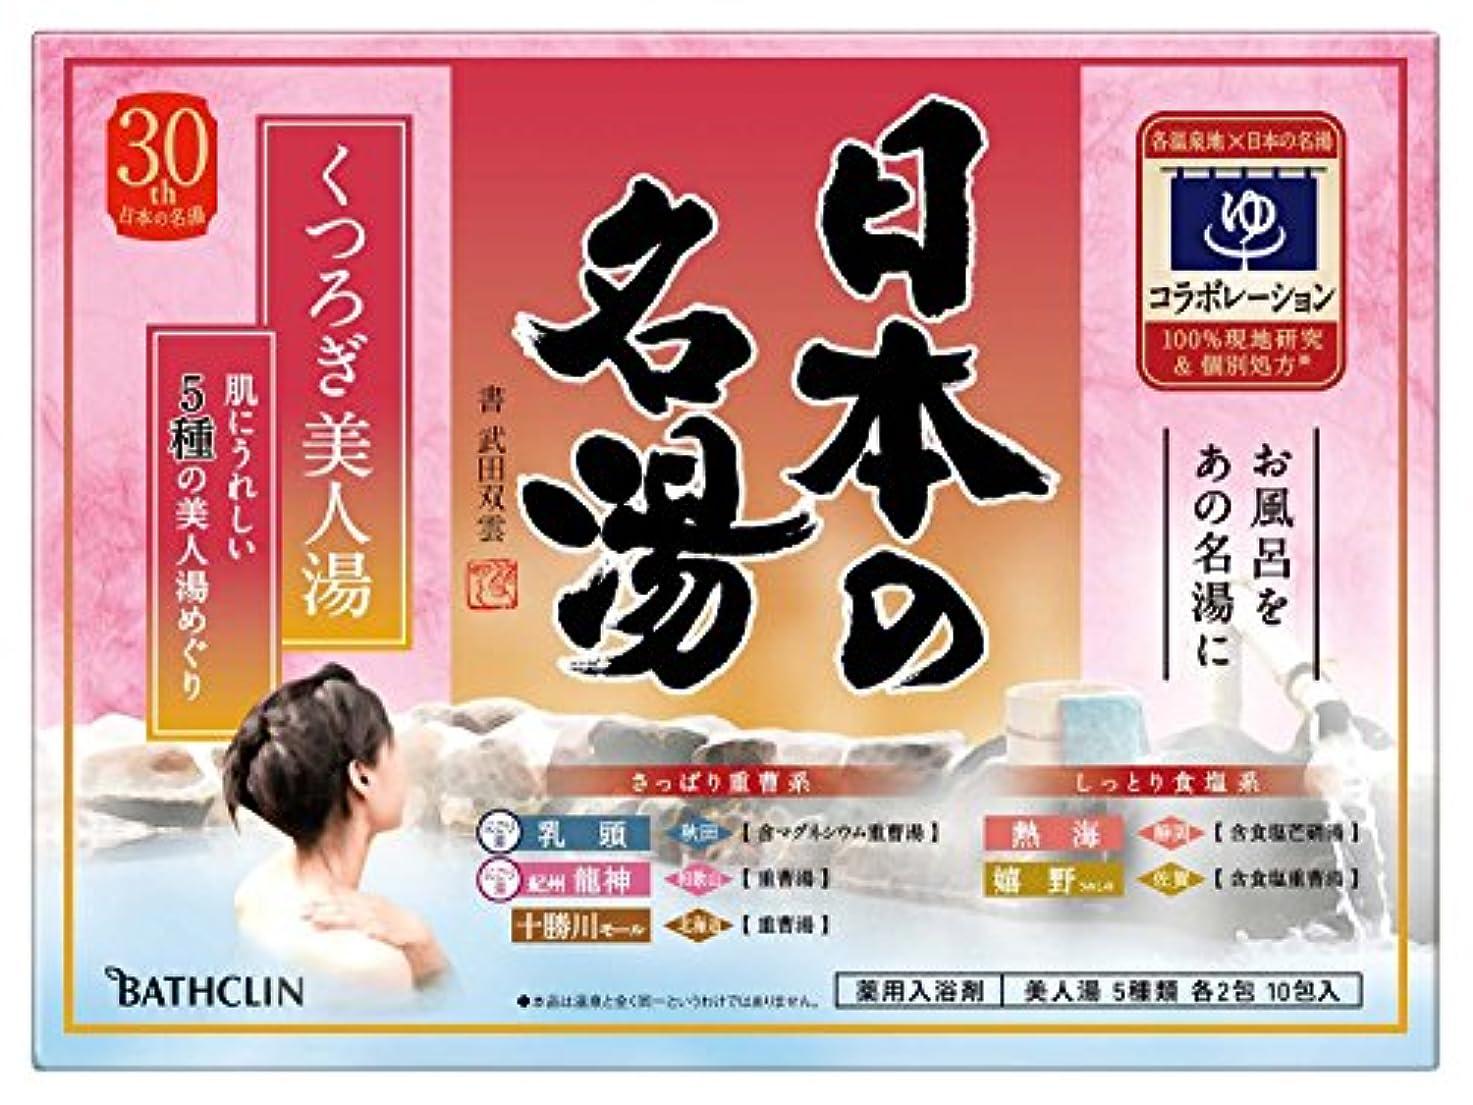 そこ禁止する指【医薬部外品】日本の名湯入浴剤 くつろぎ美人湯 30g ×10包 個包装 詰め合わせ 温泉タイプ